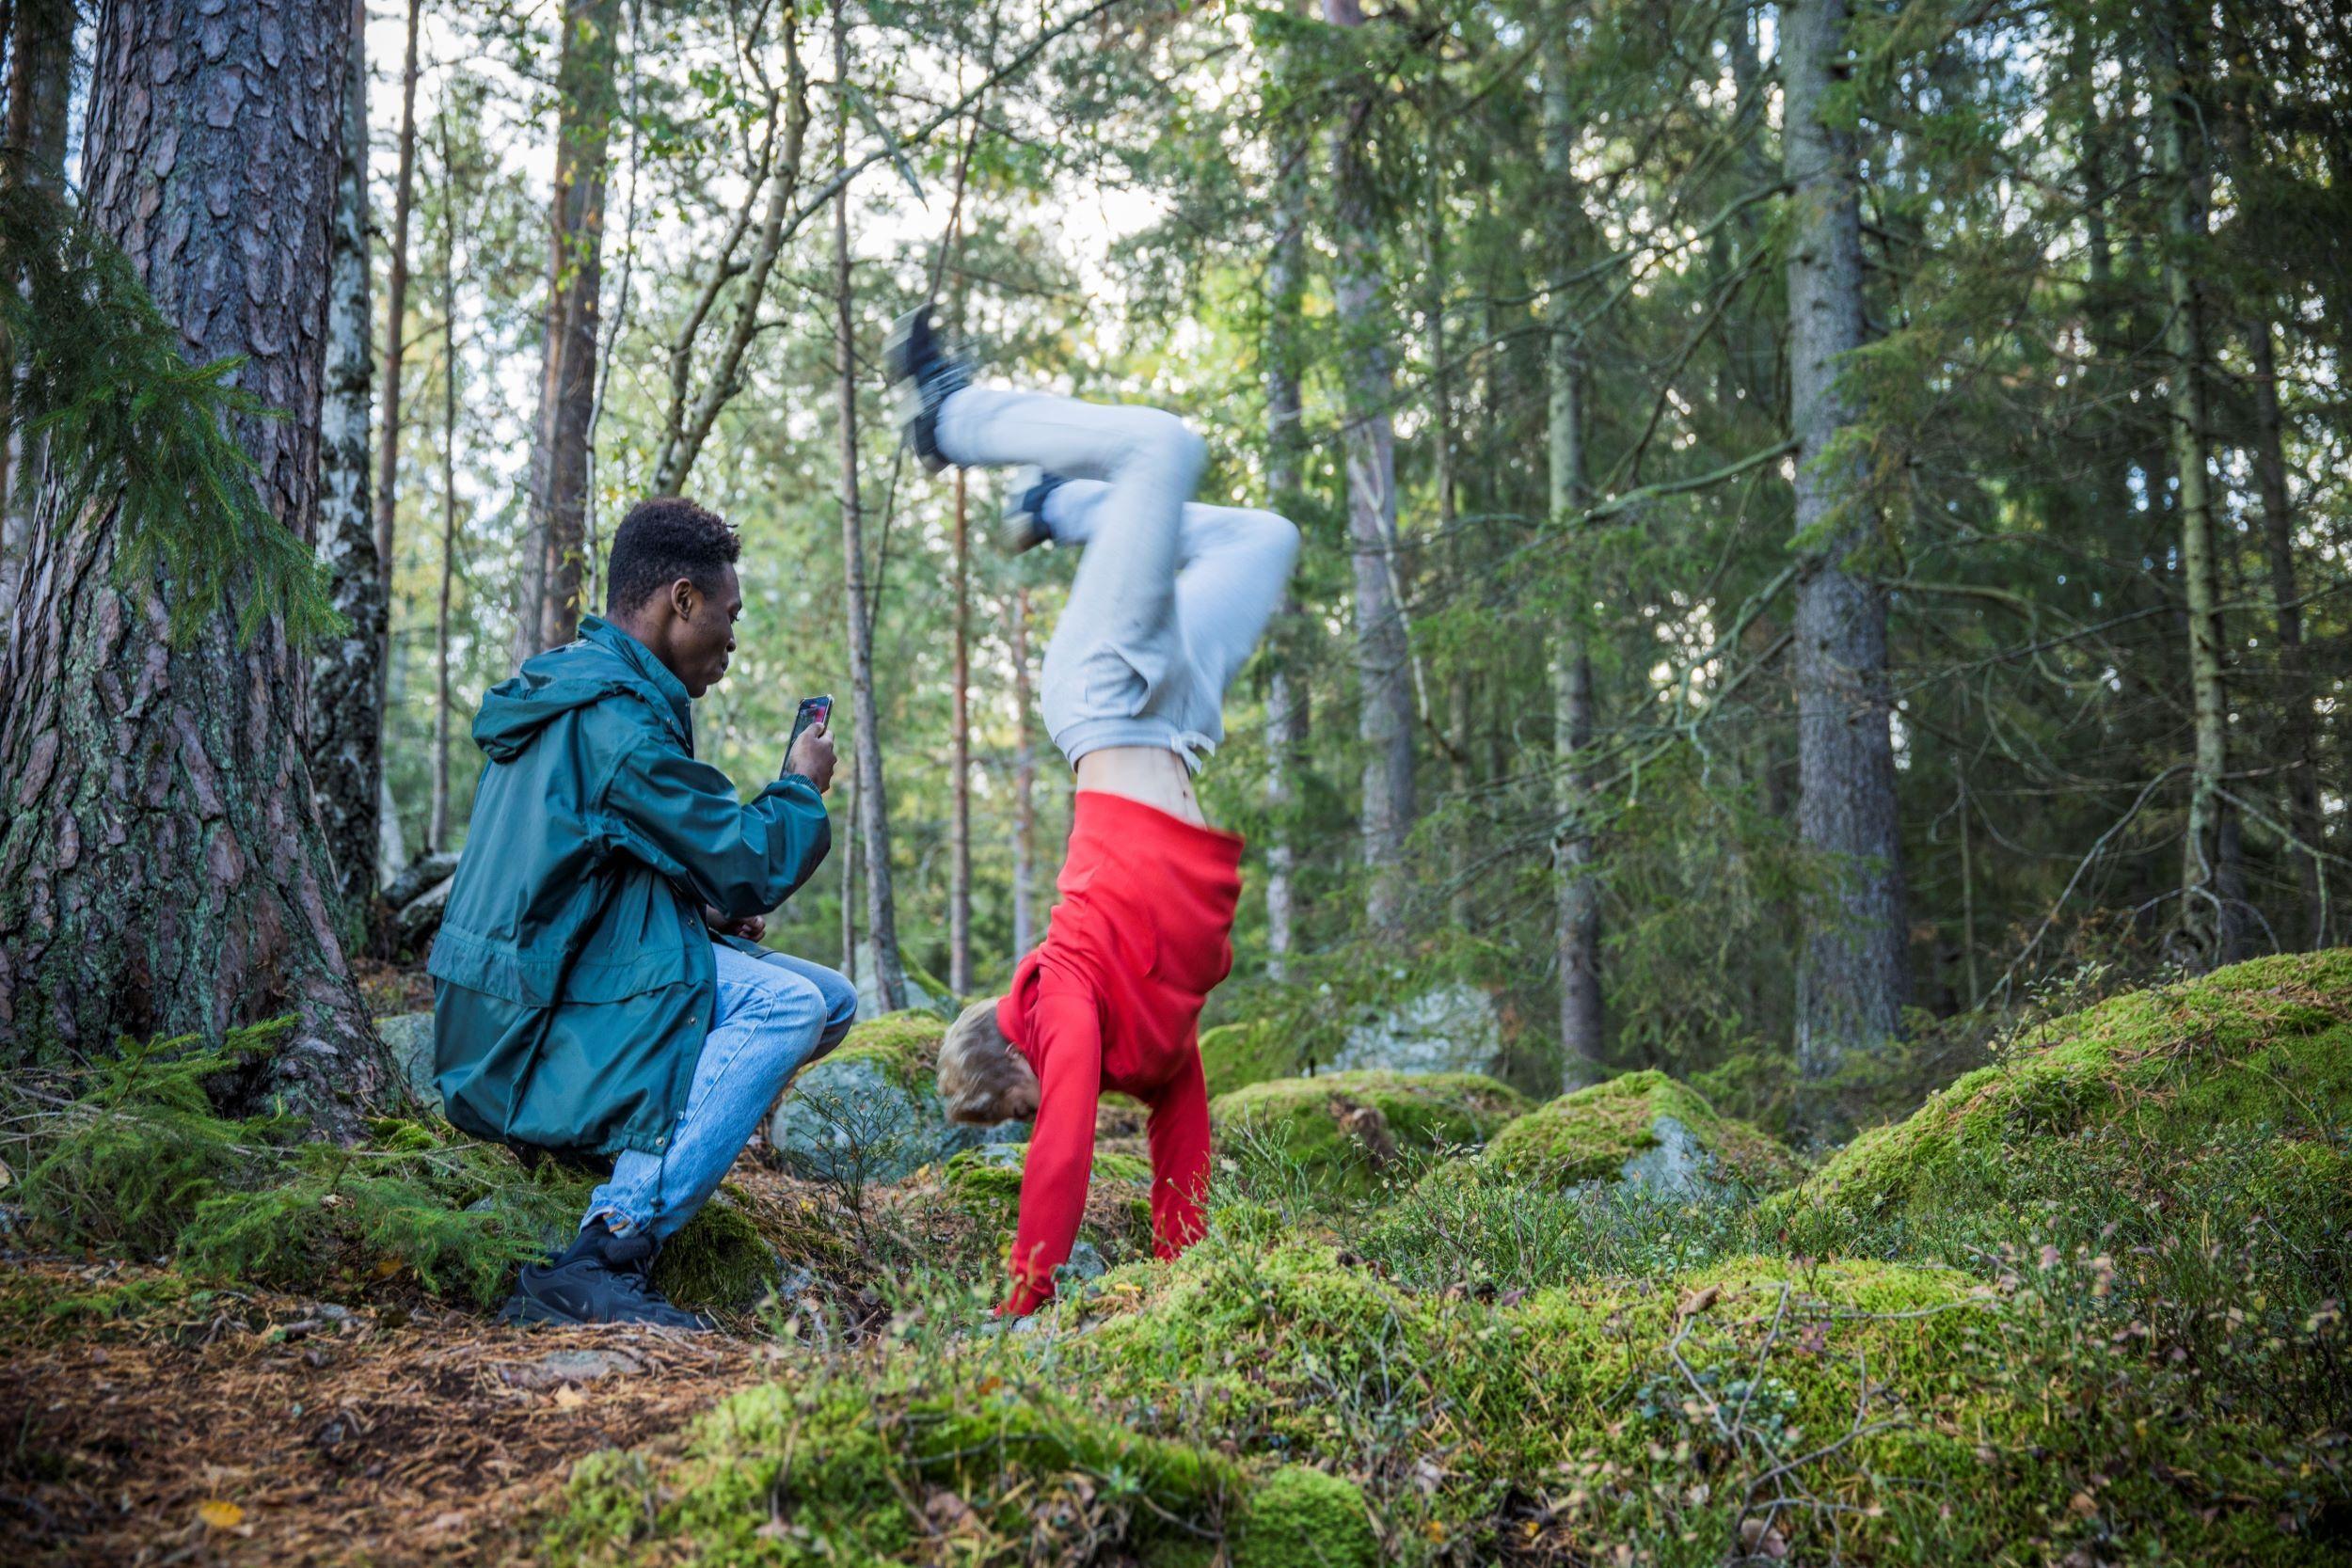 Kille fotograferar sin kompis som gör parcour i skogen.